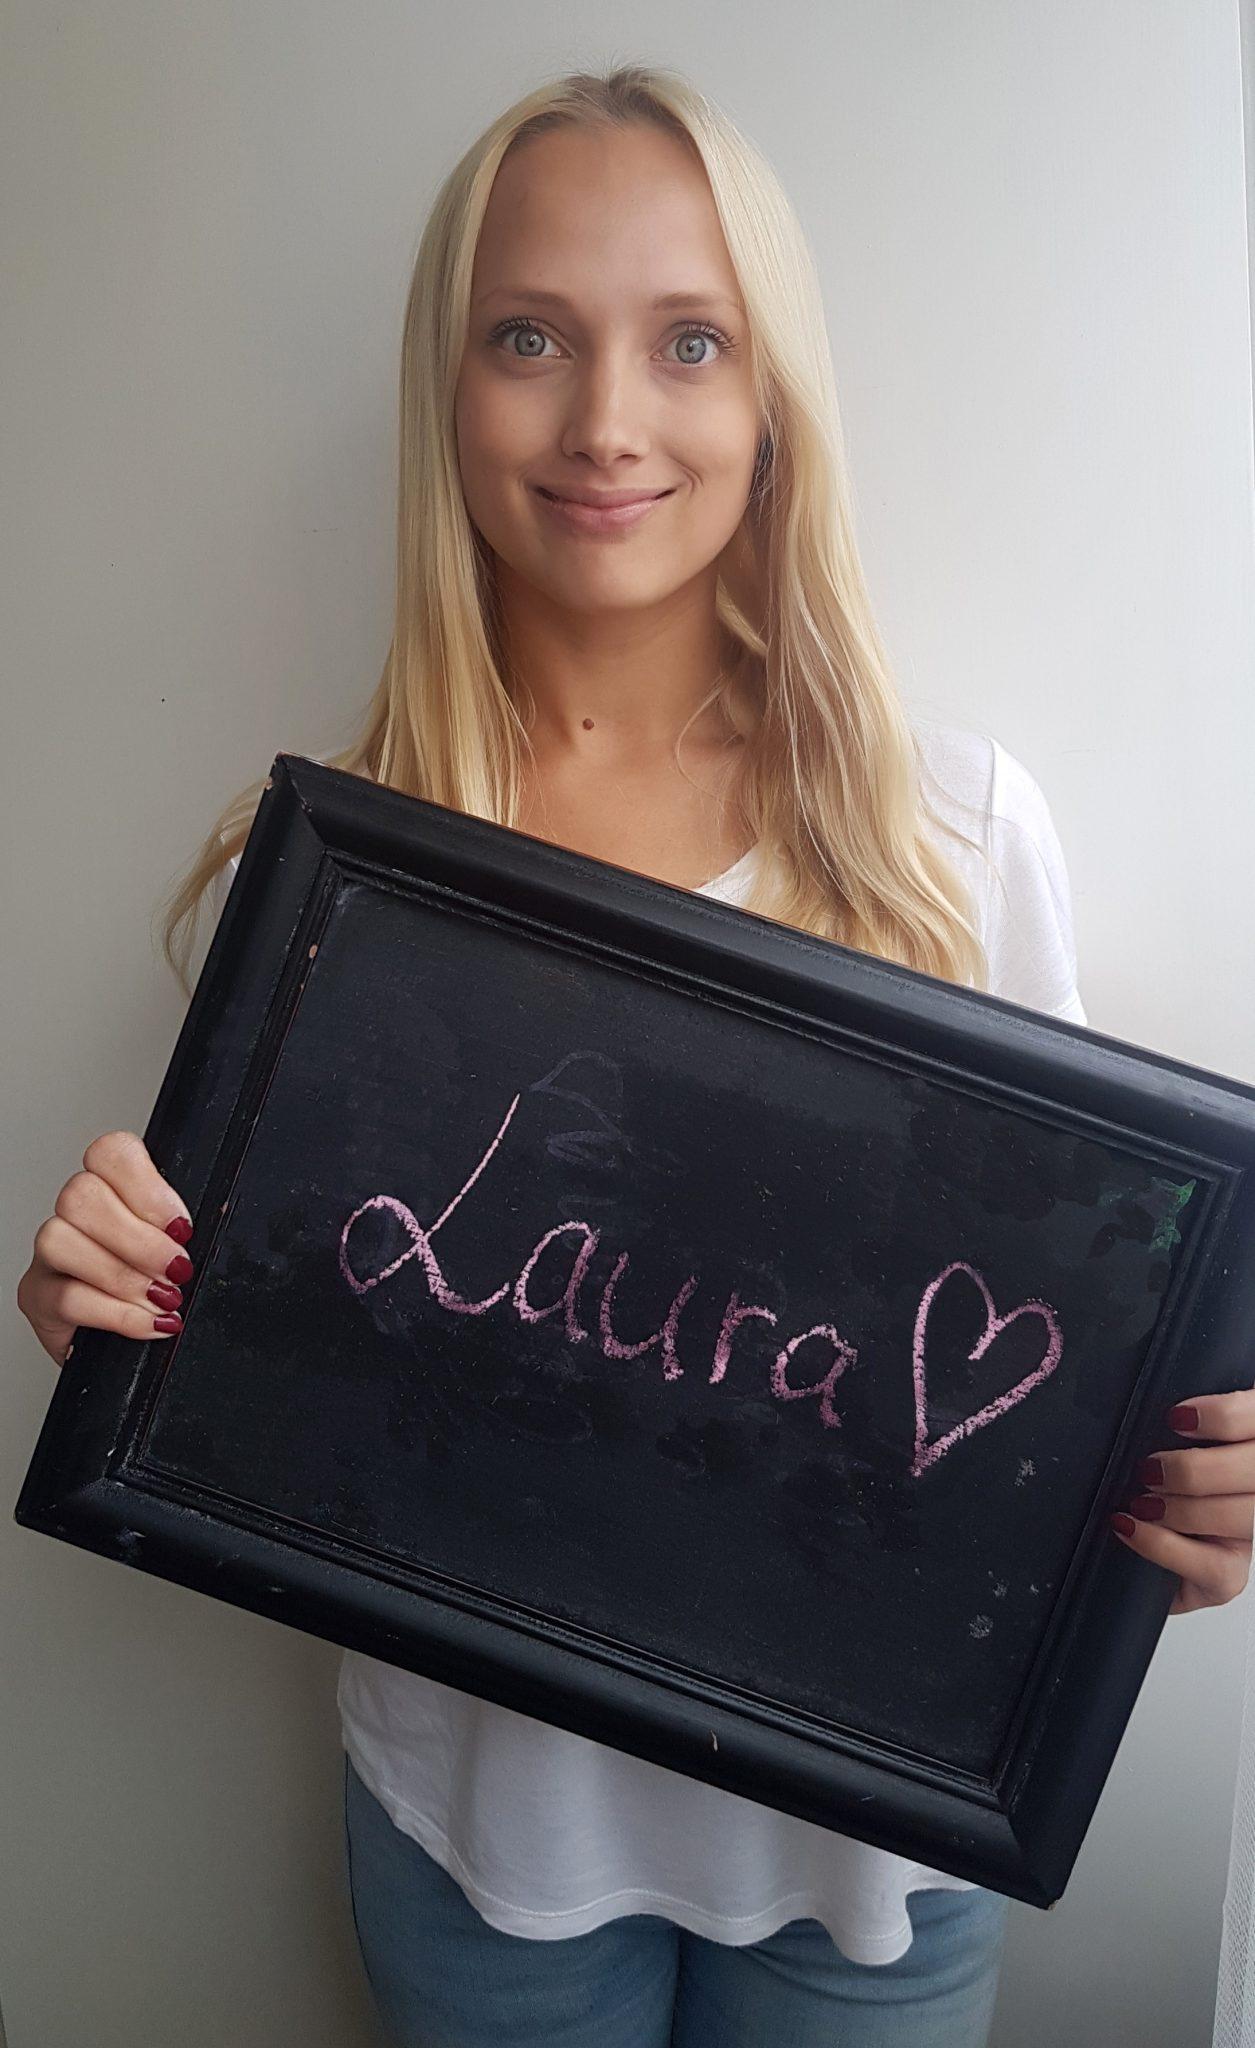 Laura Alikoski